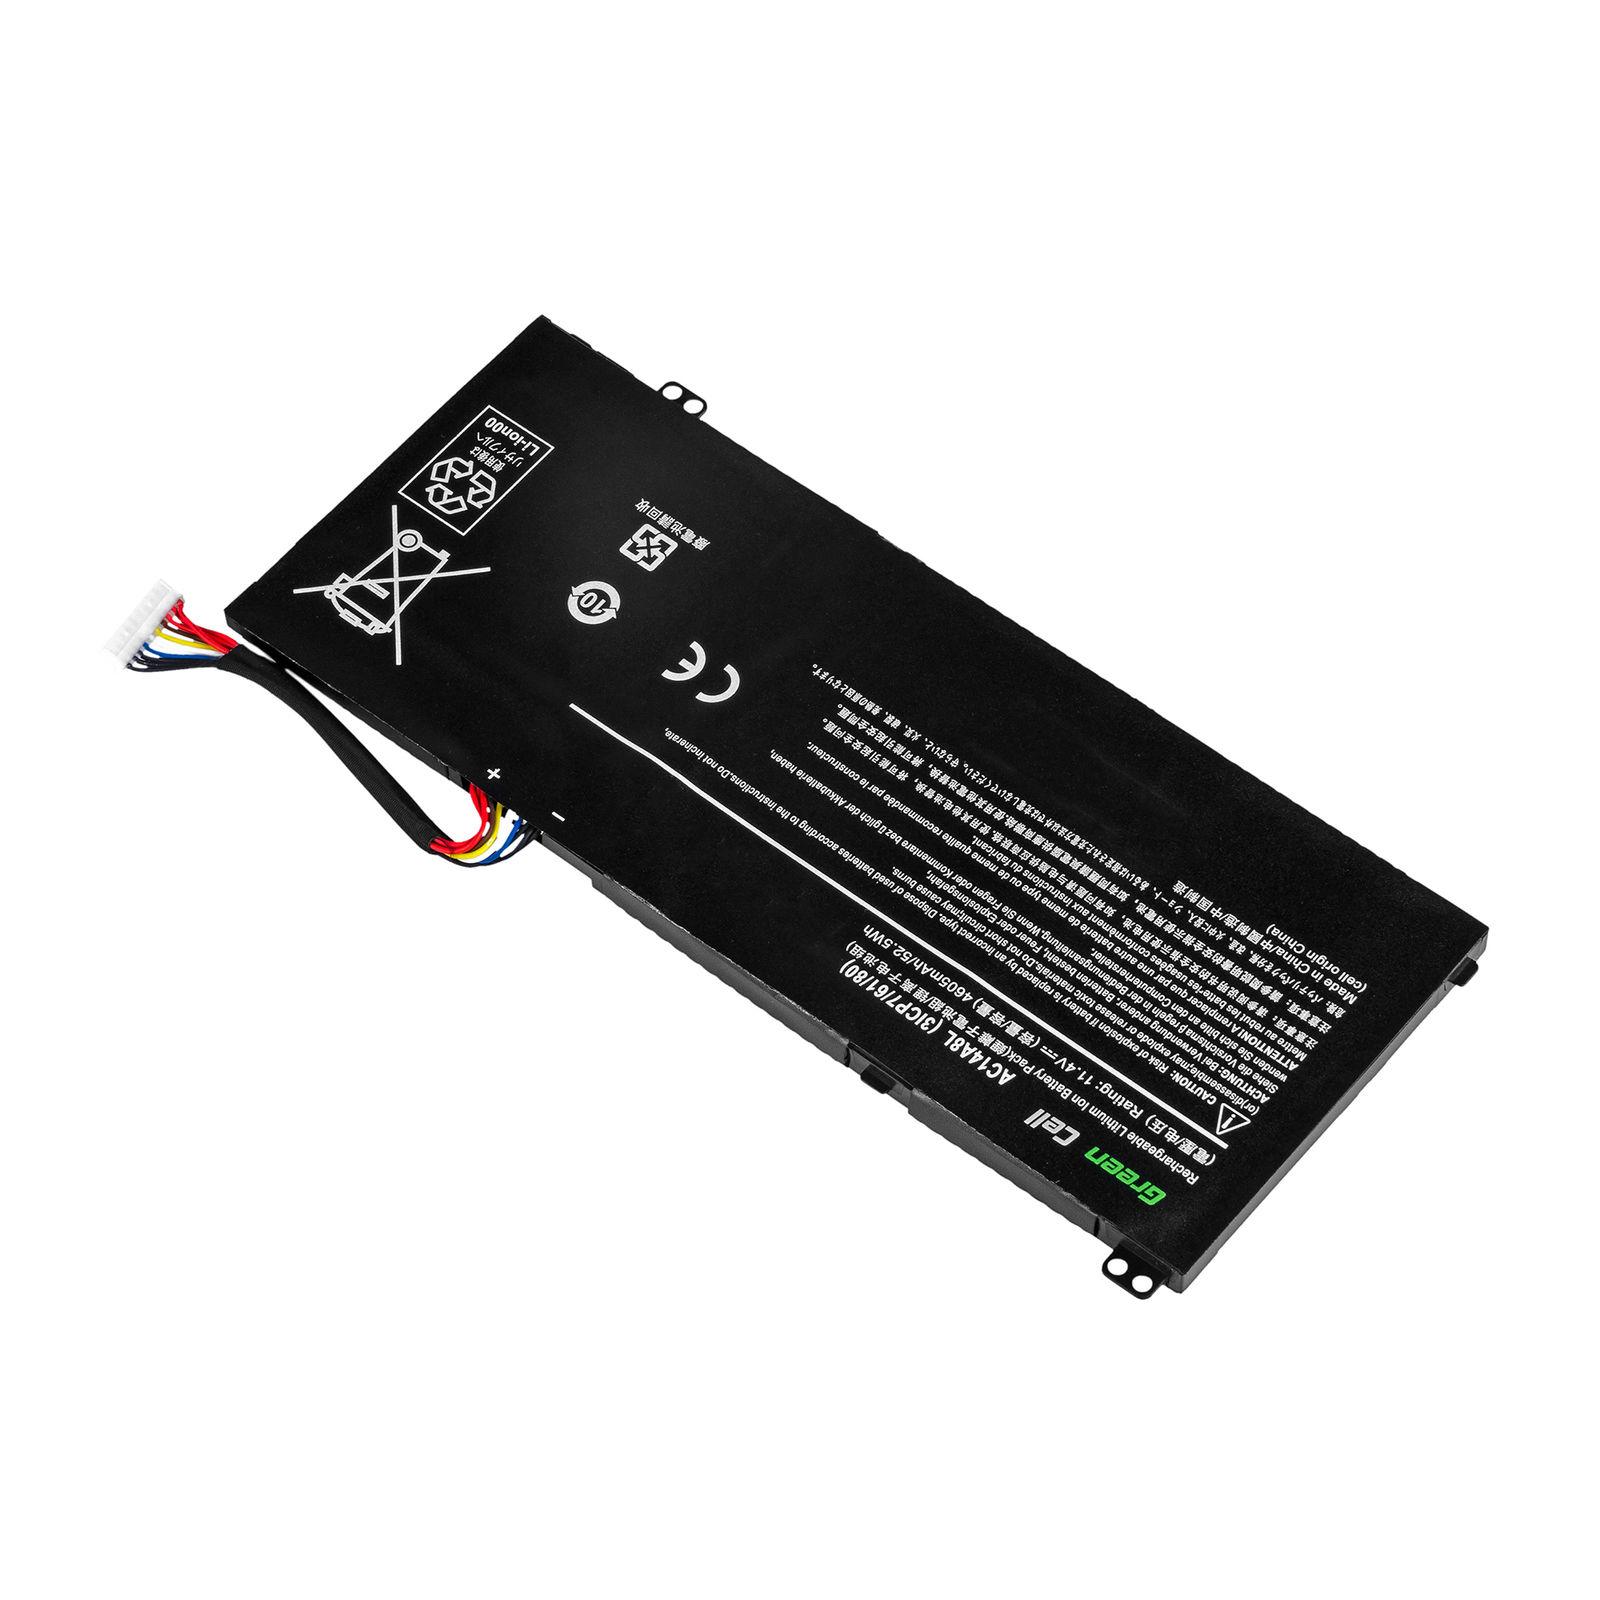 Batería para Acer Aspire V15 Nitro VN7-571G-70MR VN7-572 VN7-572G(compatible)